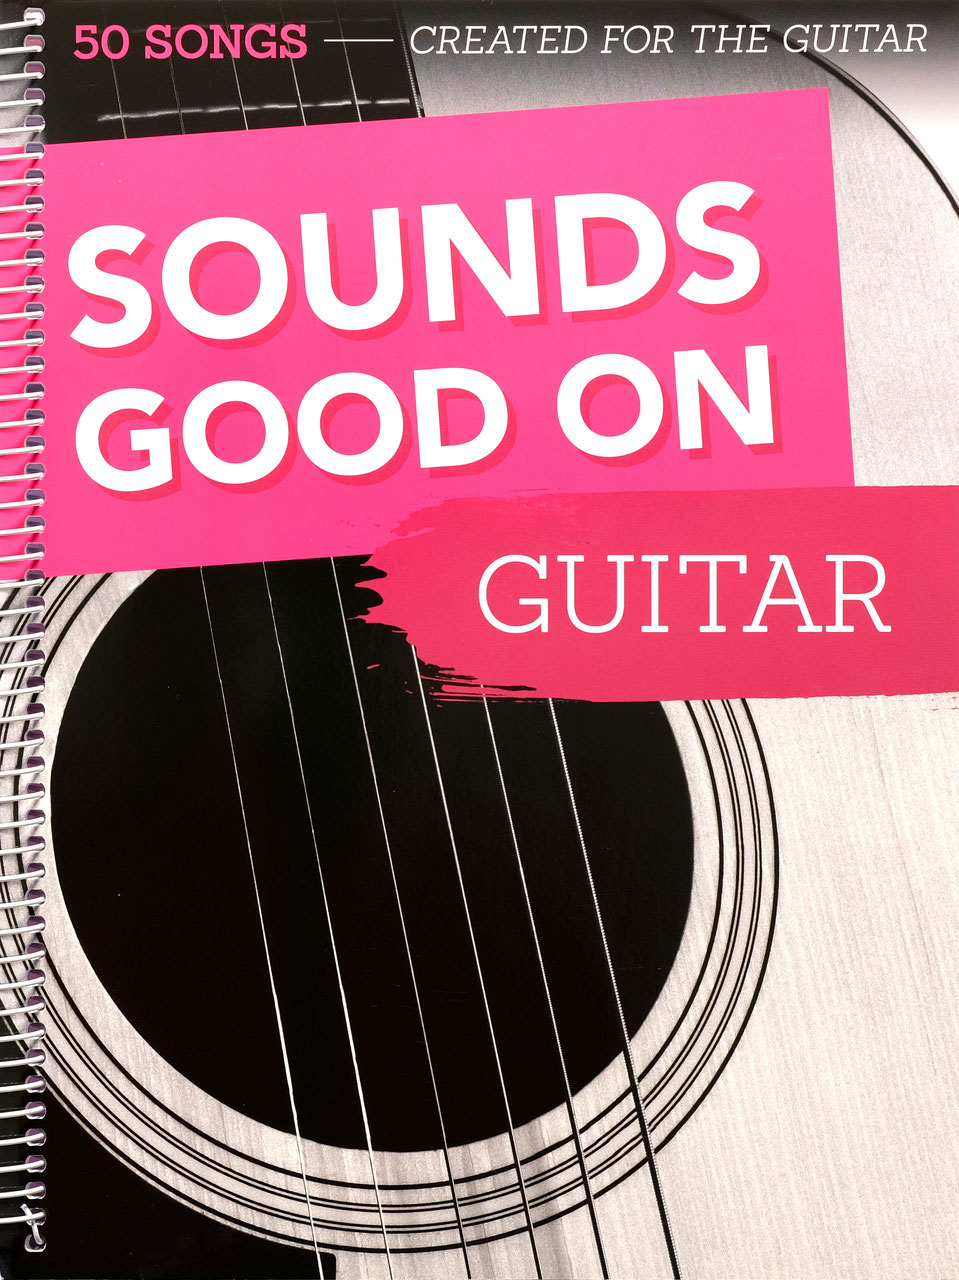 Welt gitarrennoten amelie die fabelhafte der Die fabelhafte